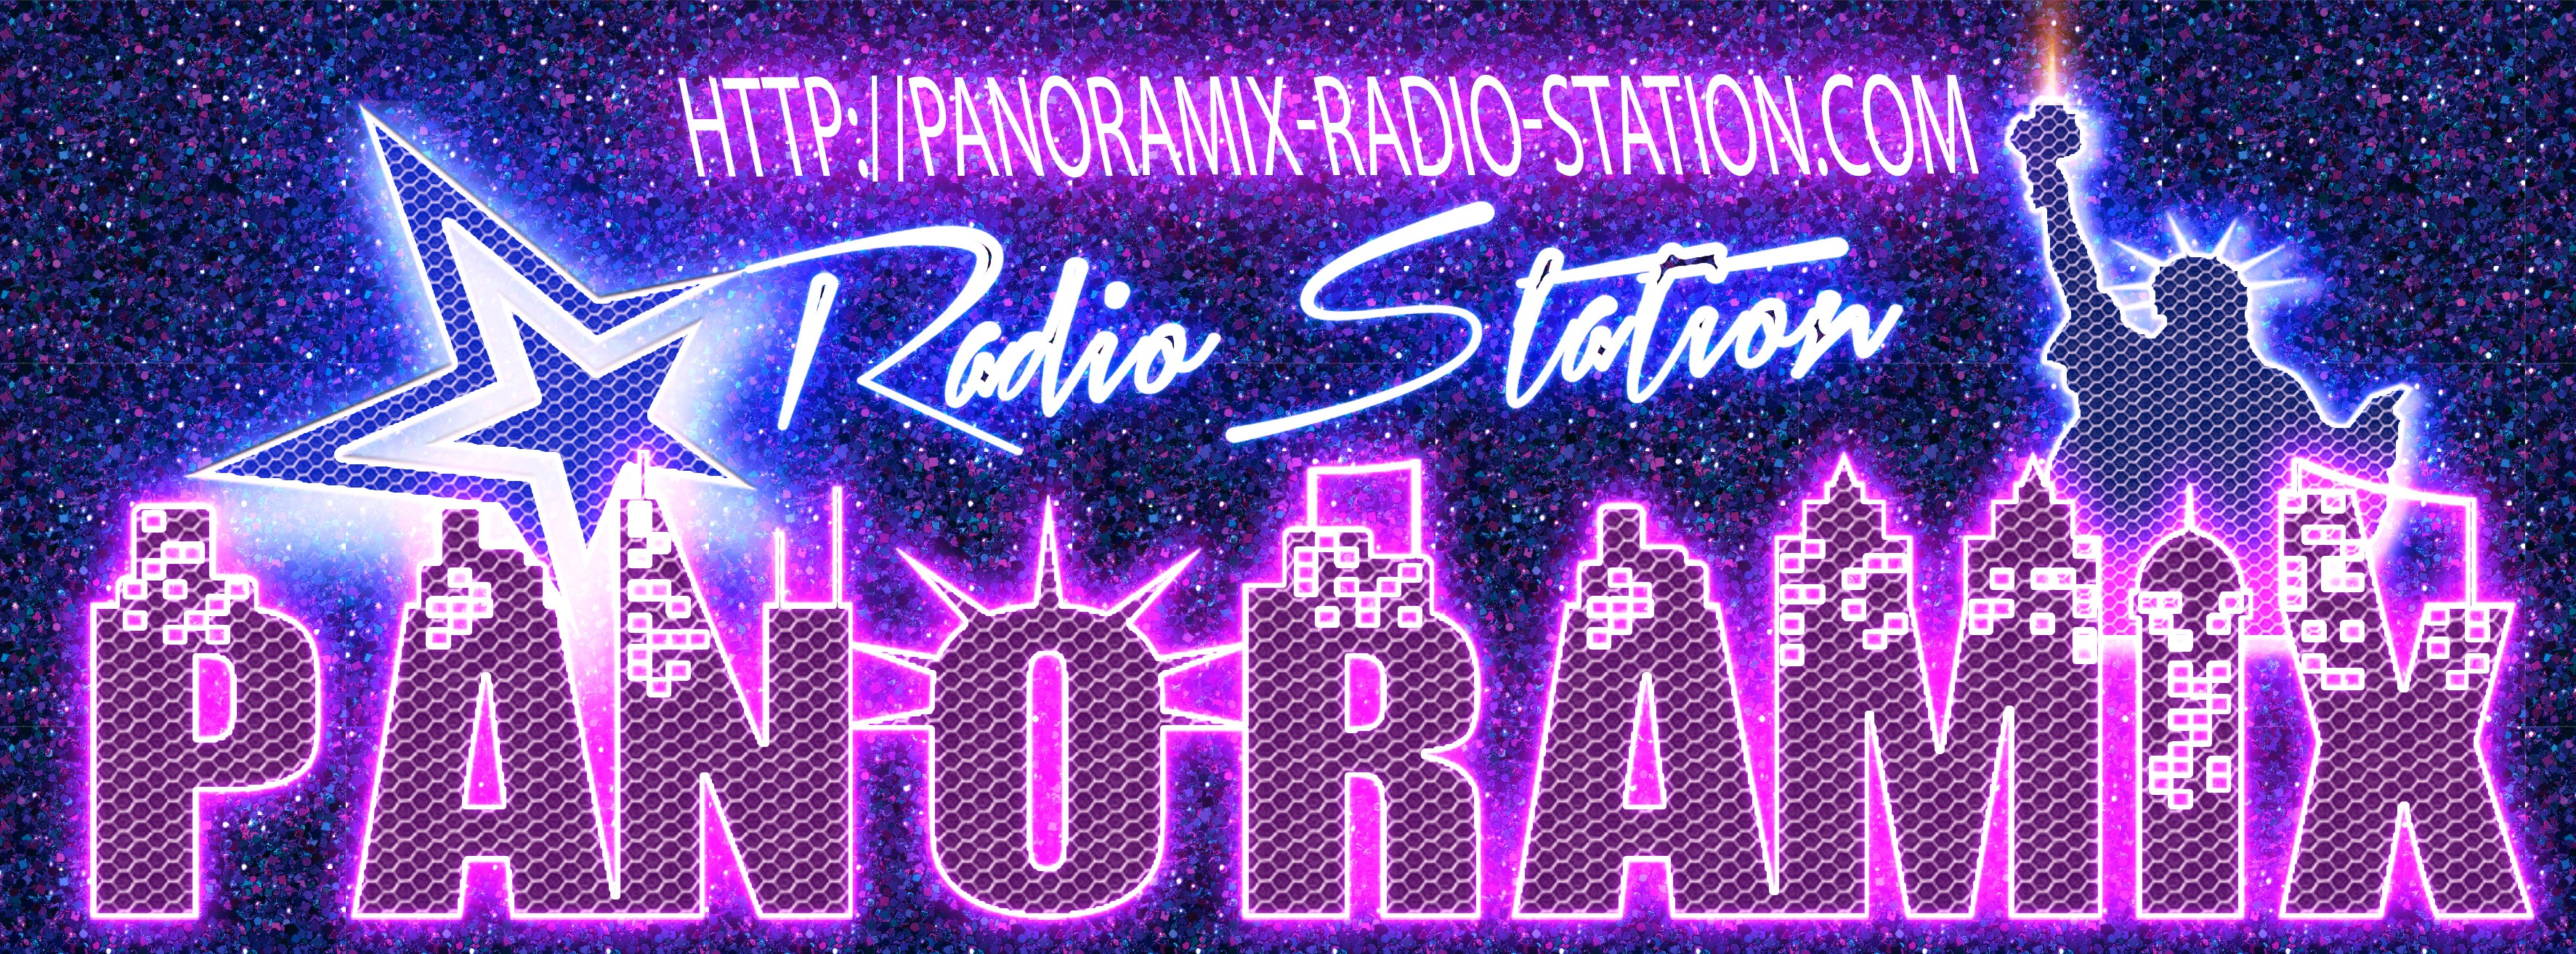 http://panoramix-radio-station.com/wp-content/uploads/2017/07/NEON-PANORAMIX-banniere-__2017-PANO.jpg